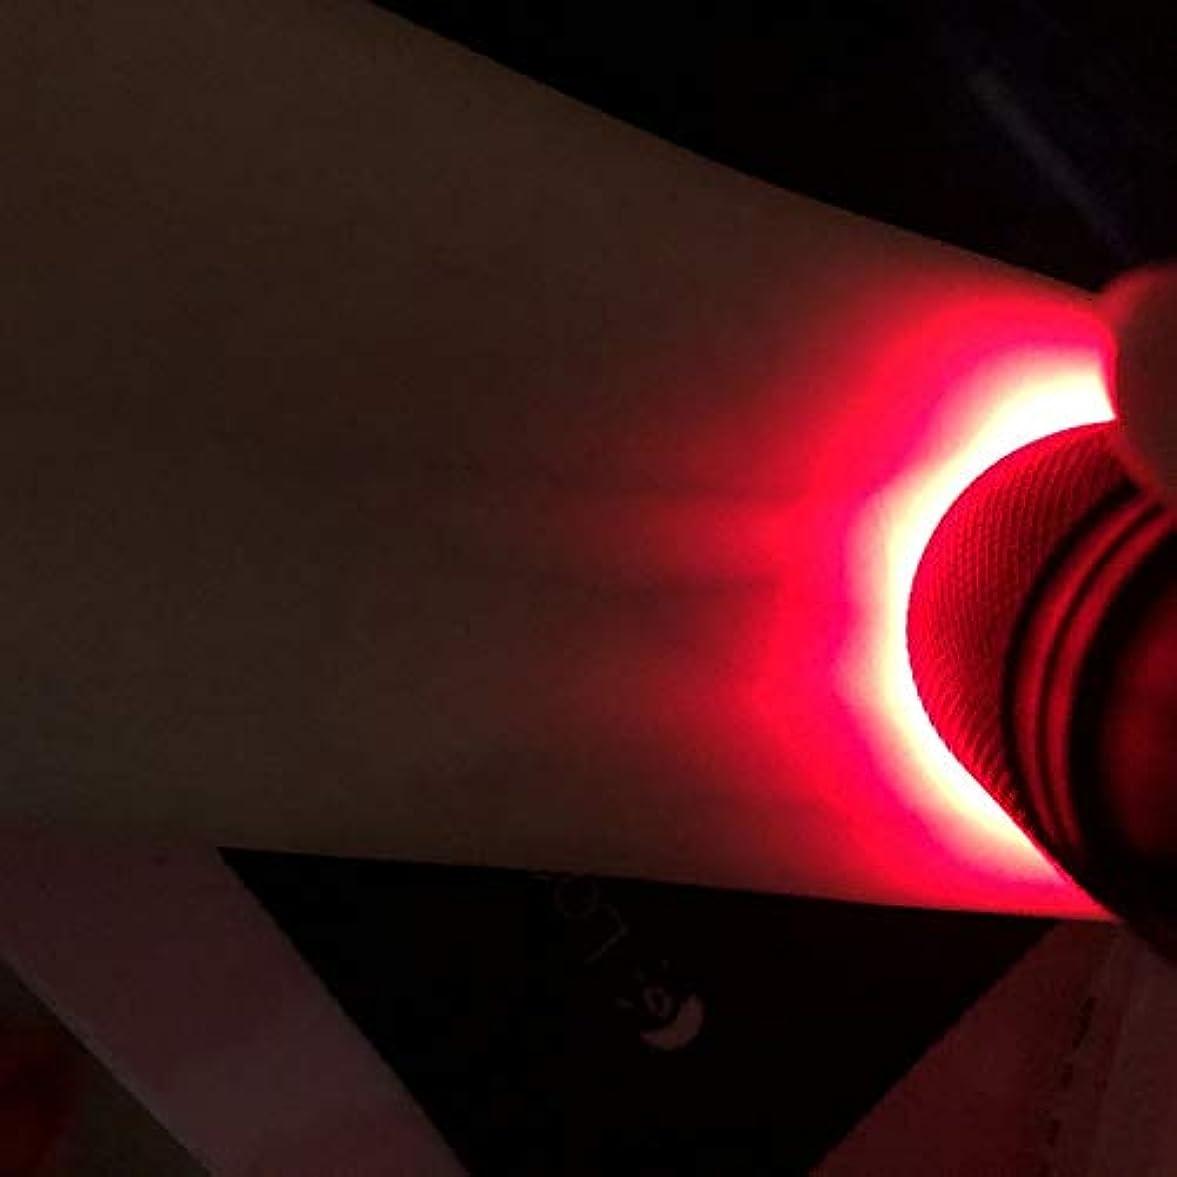 実現可能性手配する相対的静脈イメージング懐中電灯血管ディスプレイ懐中電灯手穿刺による血管ライトの確認皮下静脈デバイスの発見が容易